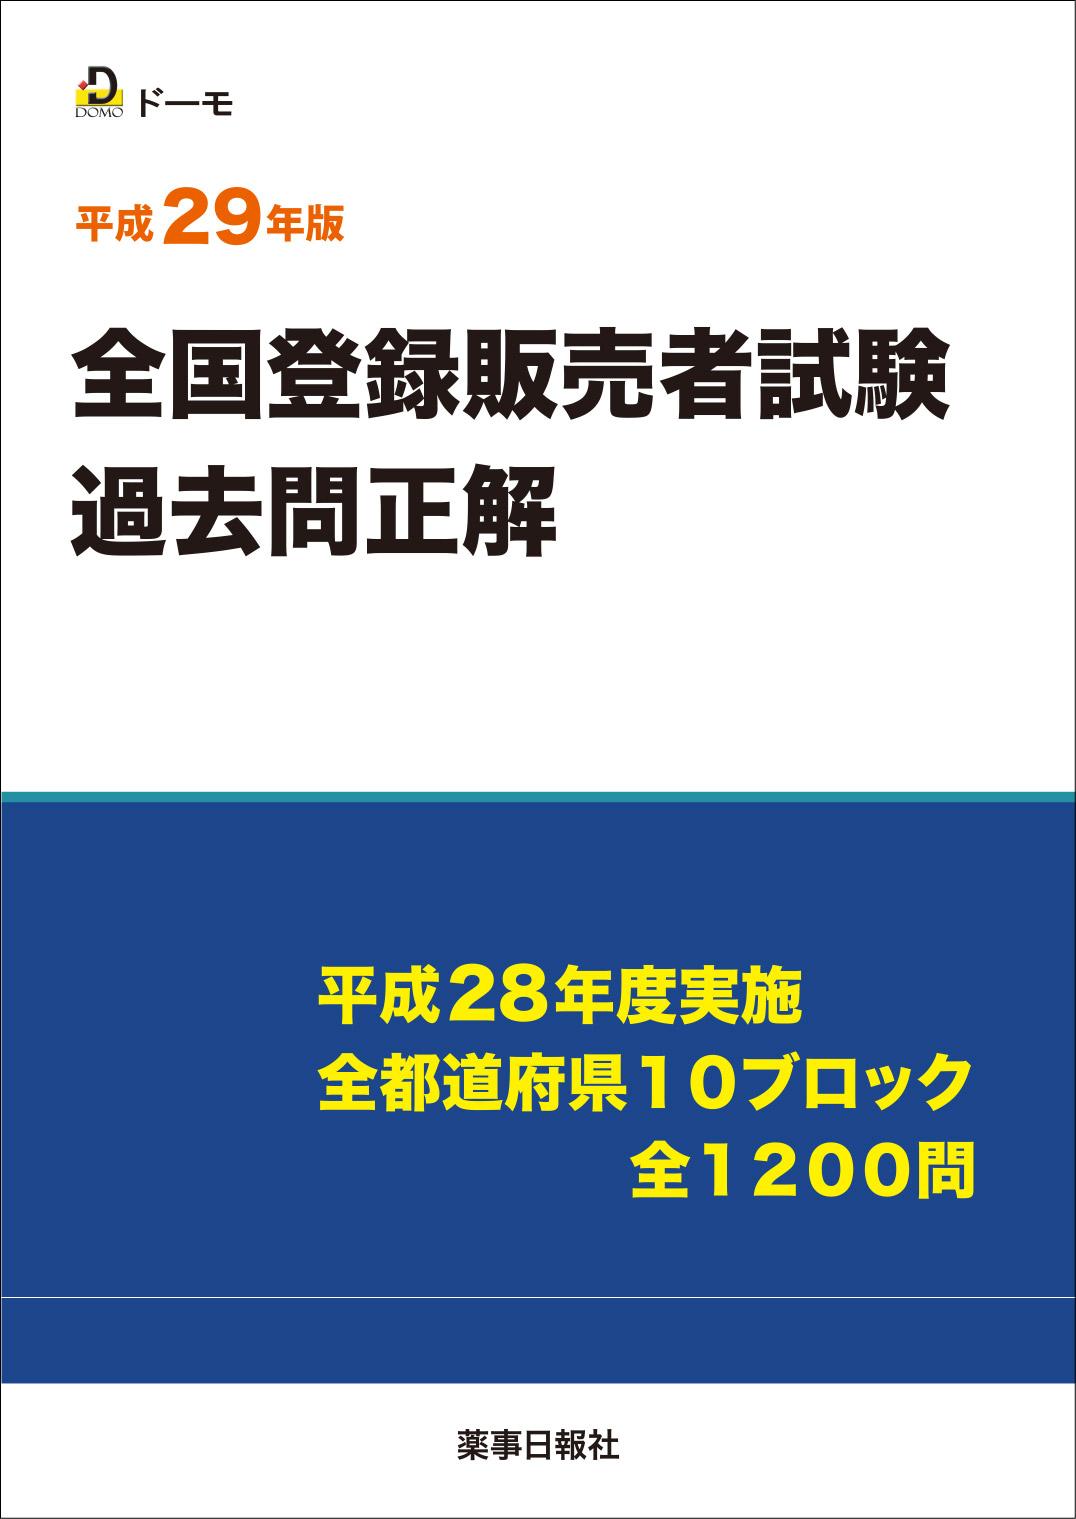 徳島 香川 愛媛 高知の登録販売者試験 過去問題 | …